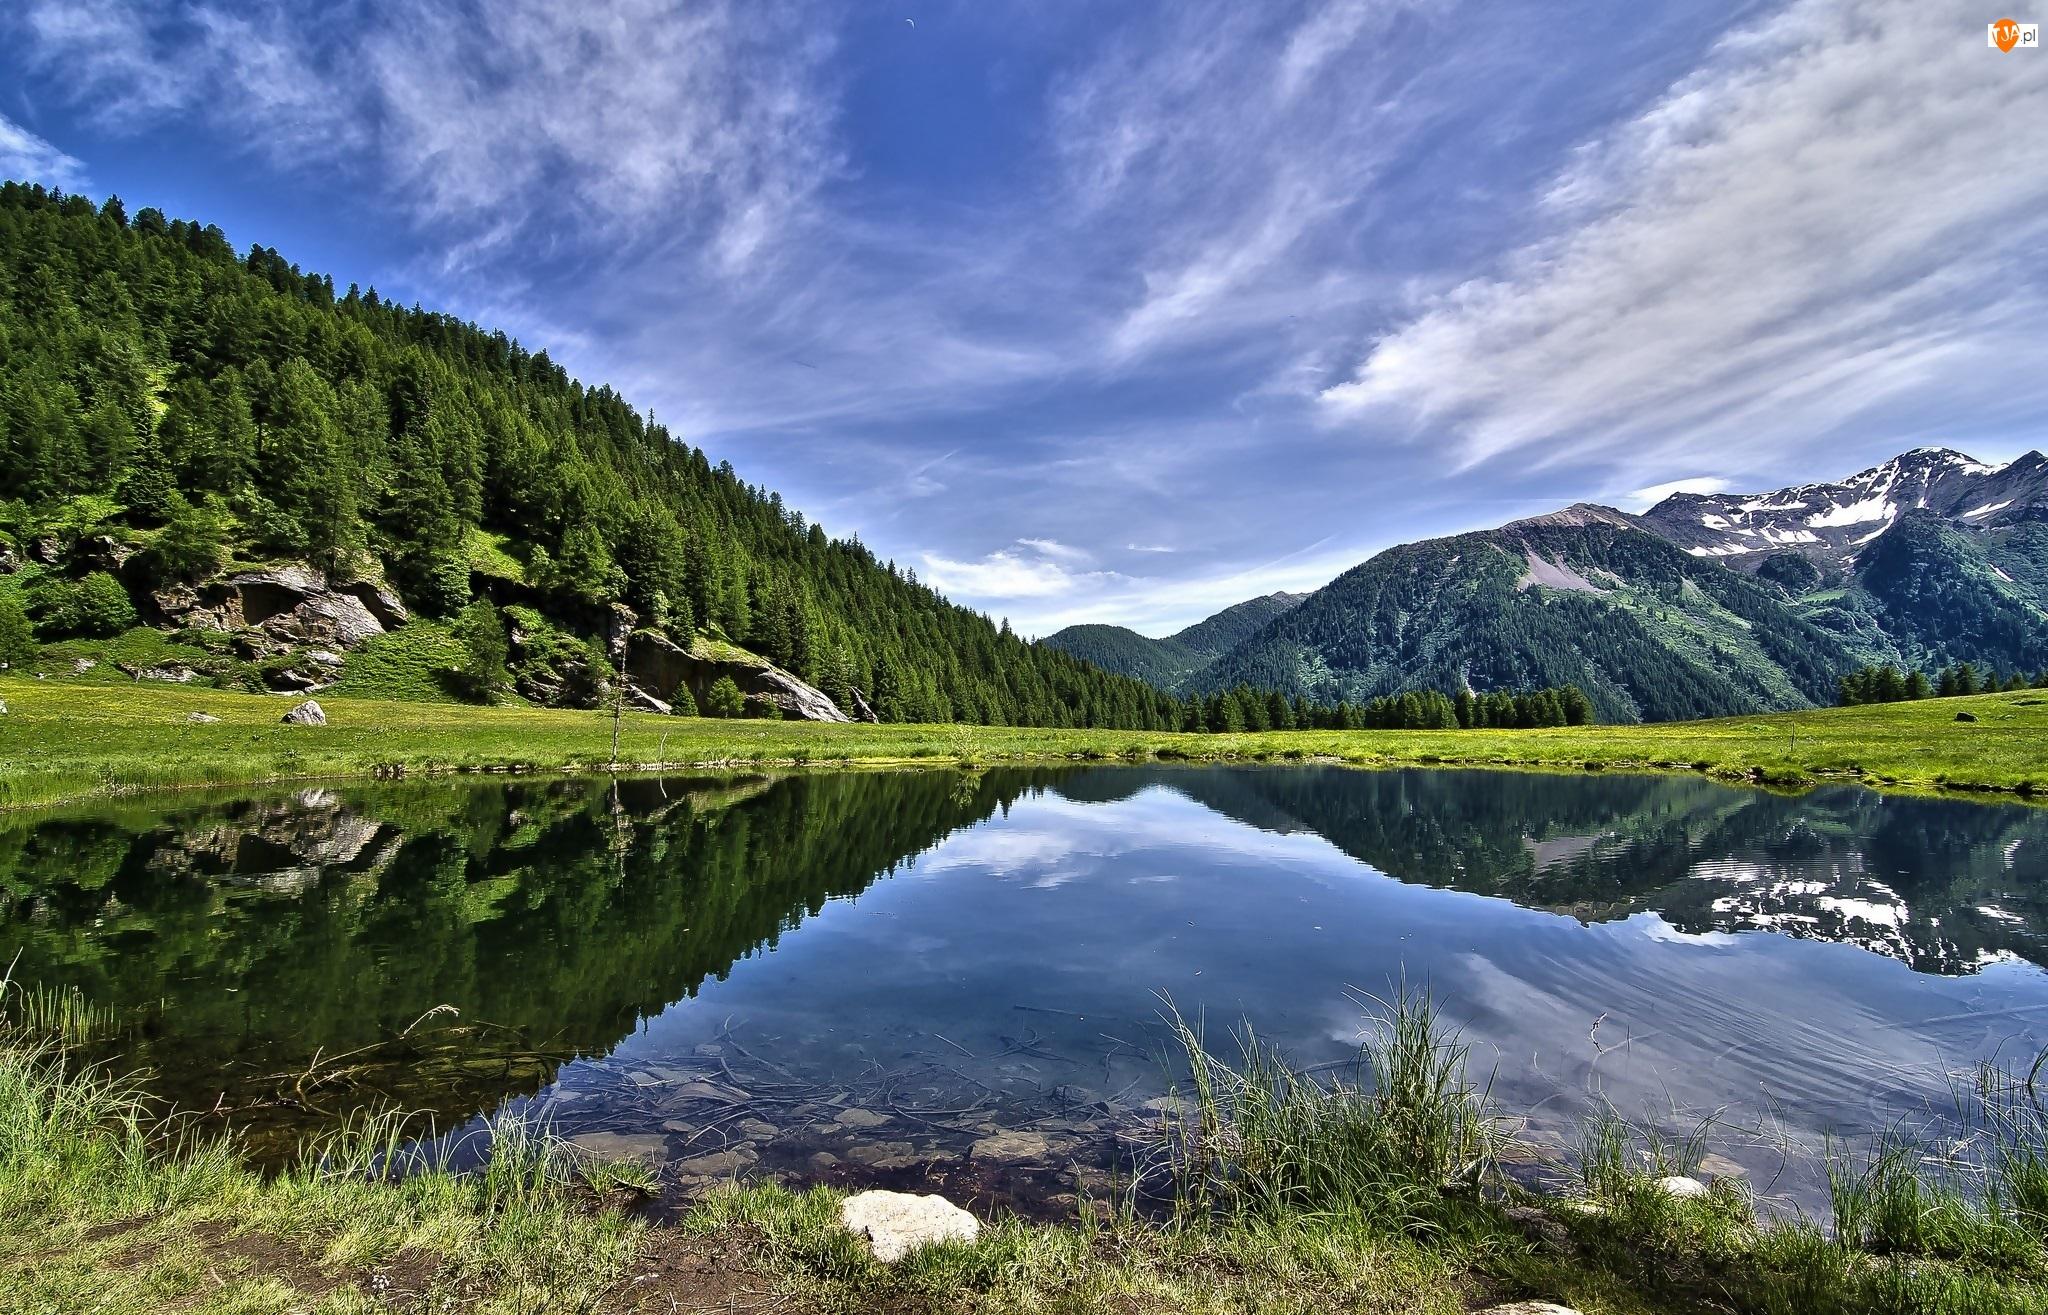 Wzgórza, Drzewa, Góry, Jezioro